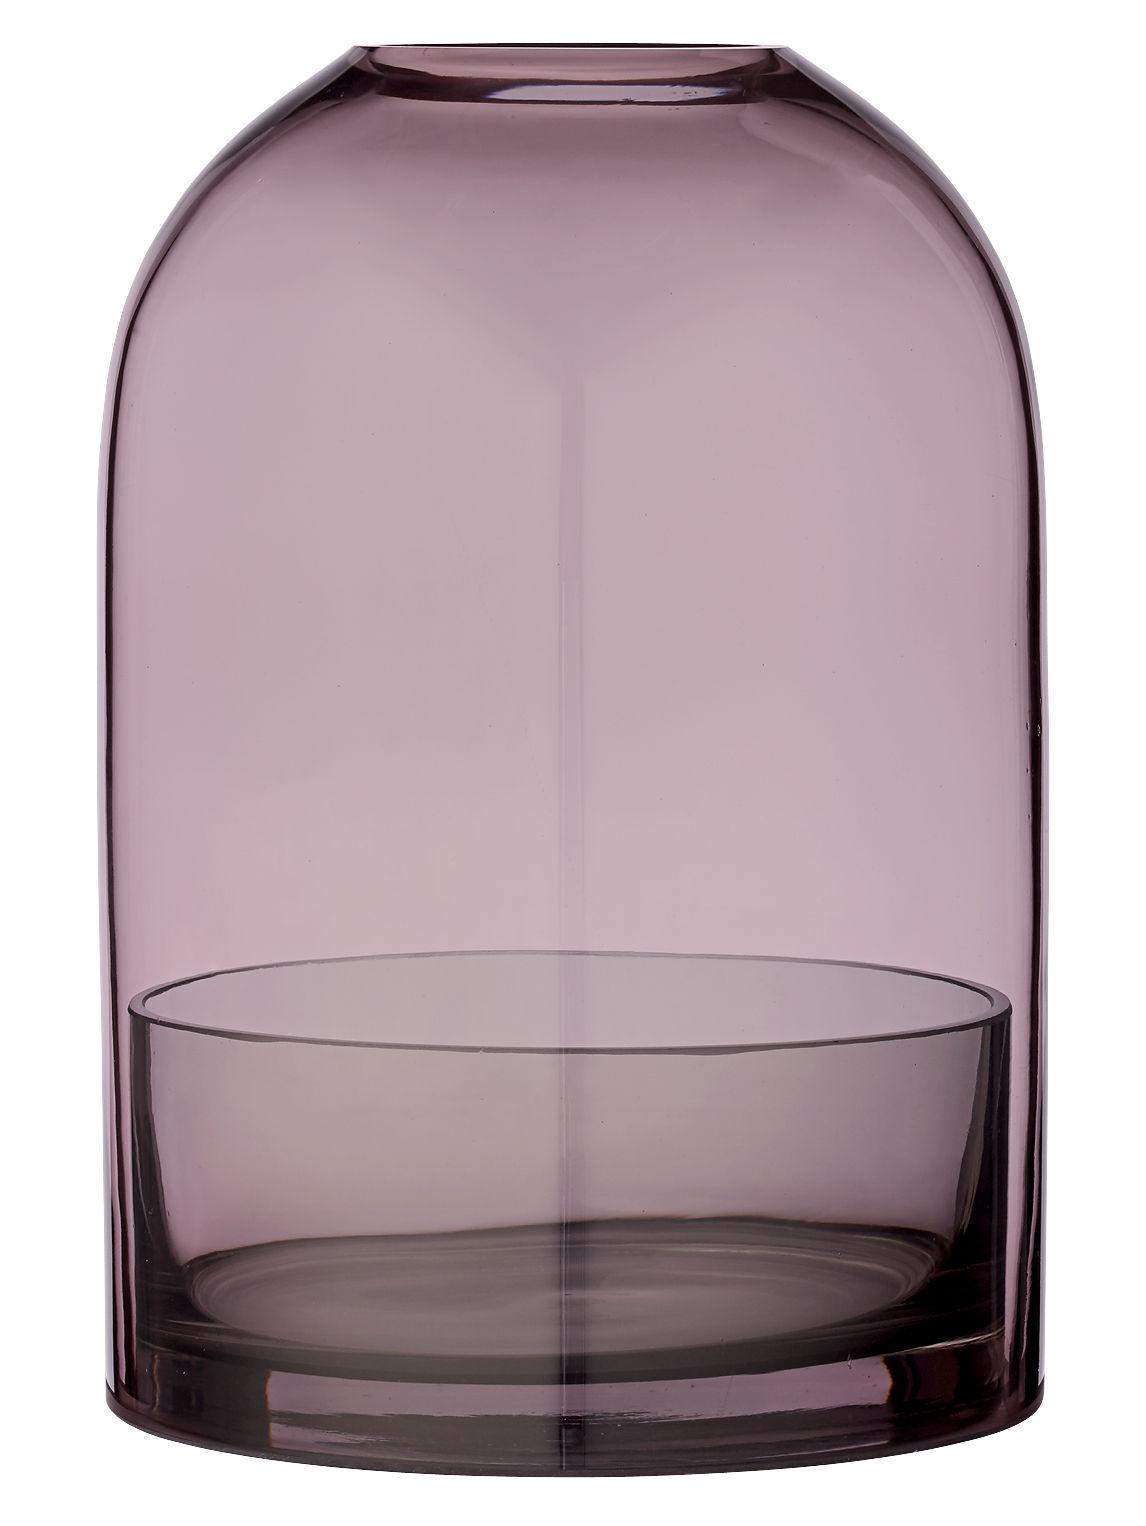 Déco - Bougeoirs, photophores - Photophore Tota Large / Verre - H 23 cm - AYTM - Rose / Coupelle gris fumé - Verre